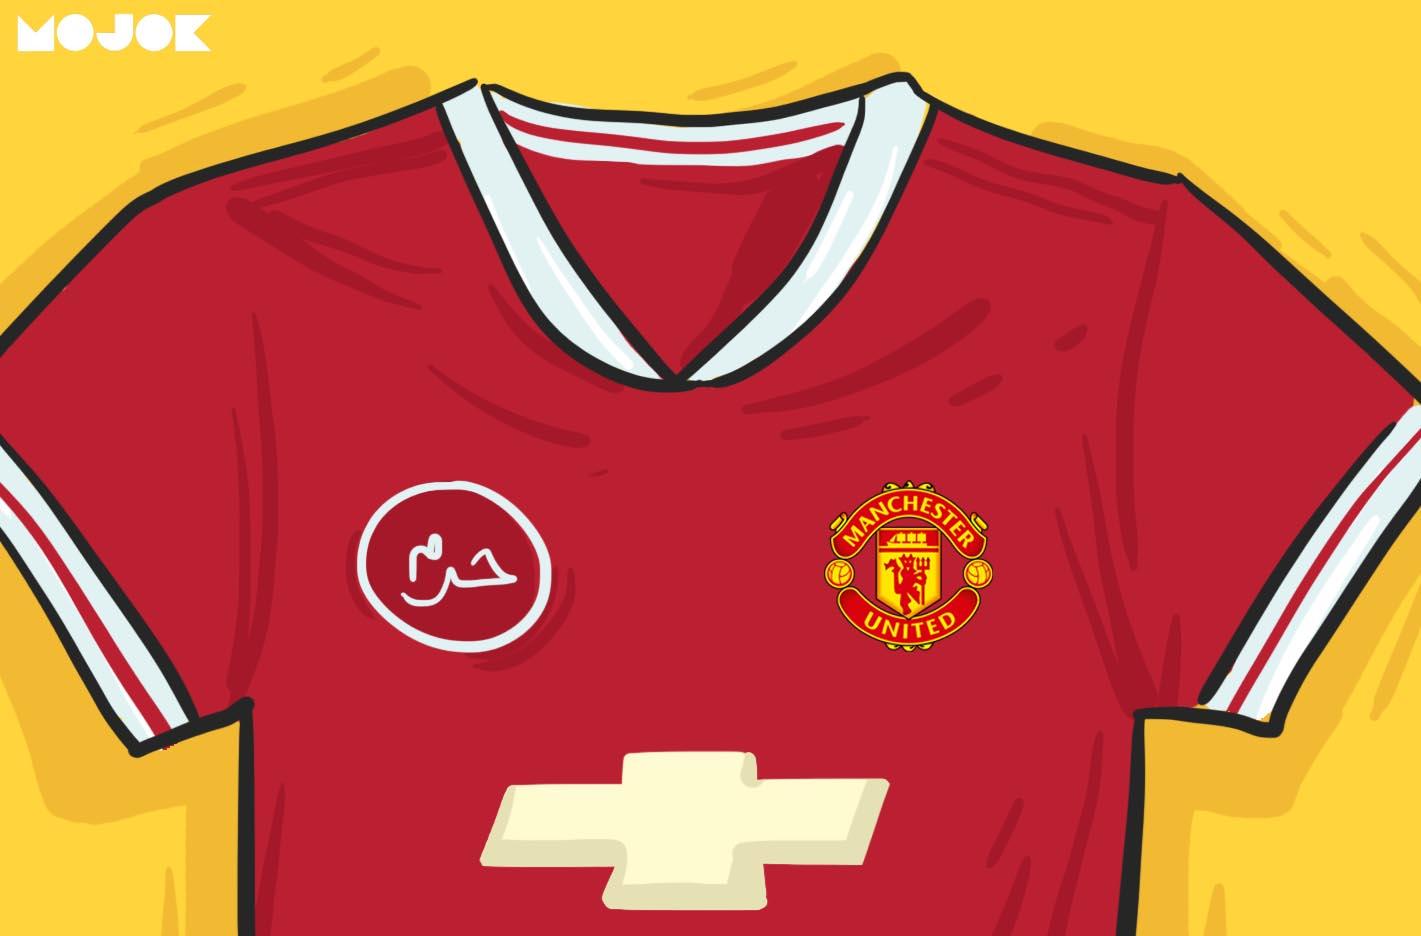 Kaos Manchester United Katanya Haram Betapa Nggak